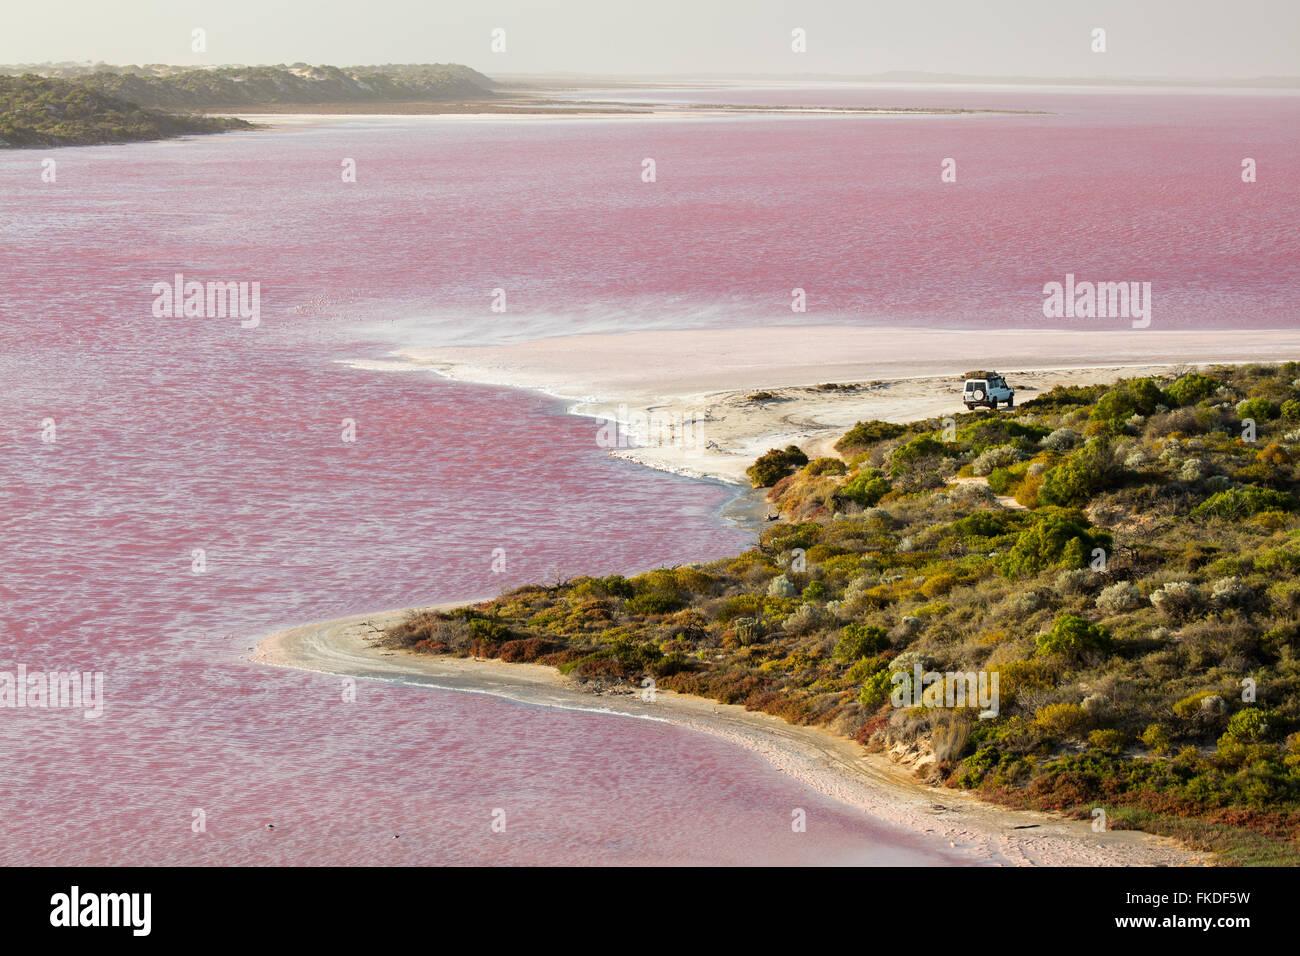 Il troopy sulle rive del rosa Laguna Hutt porto Gregorio, Australia occidentale Immagini Stock